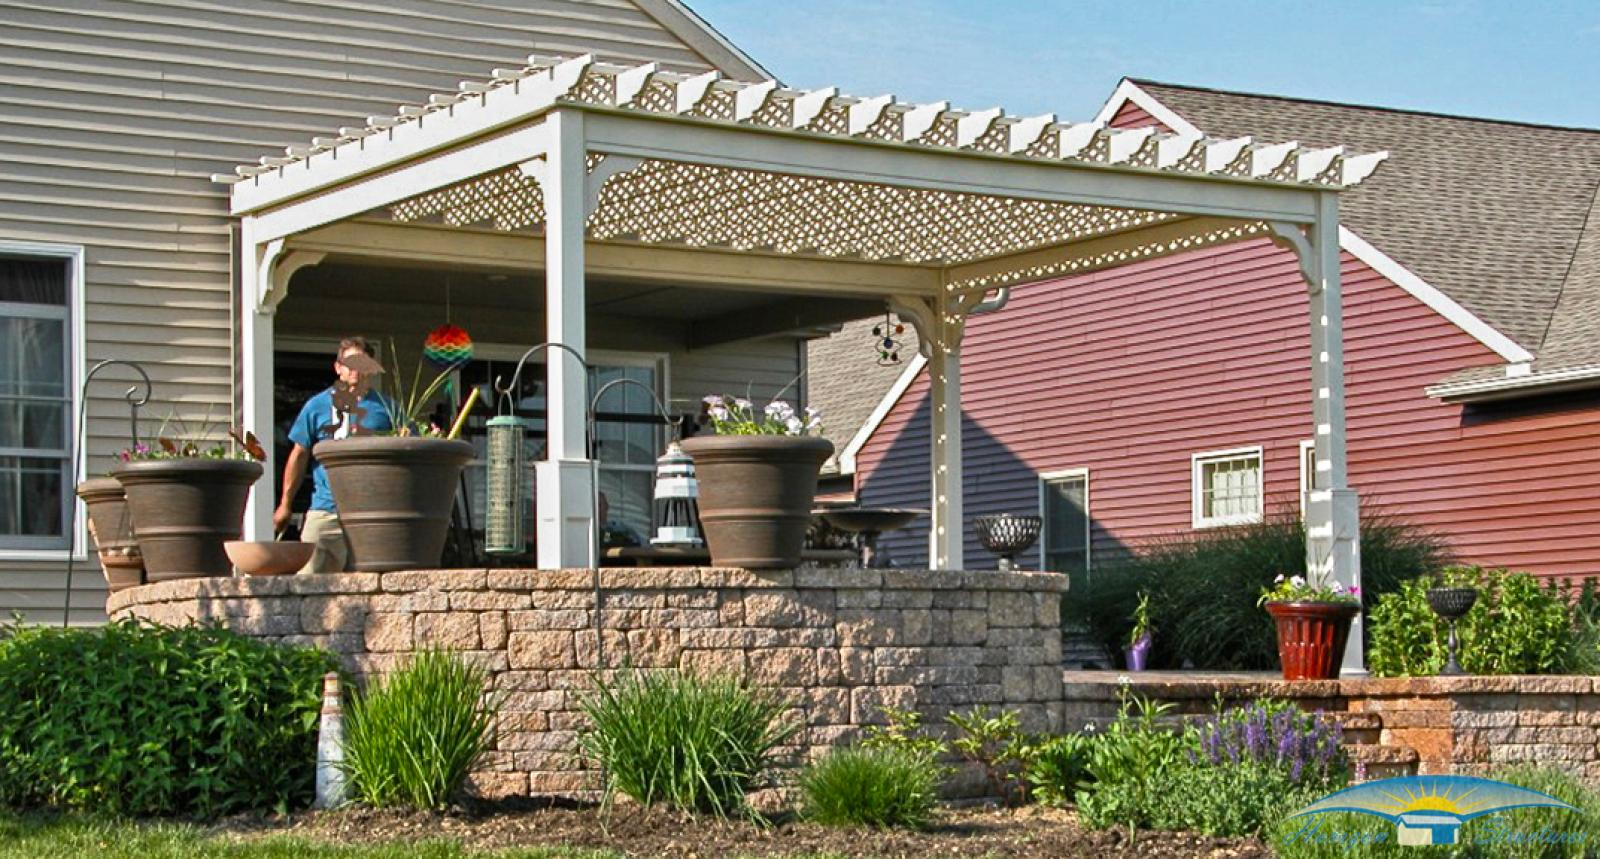 outdoor-living-pergoal-vinyl-lattice-roof-12x16